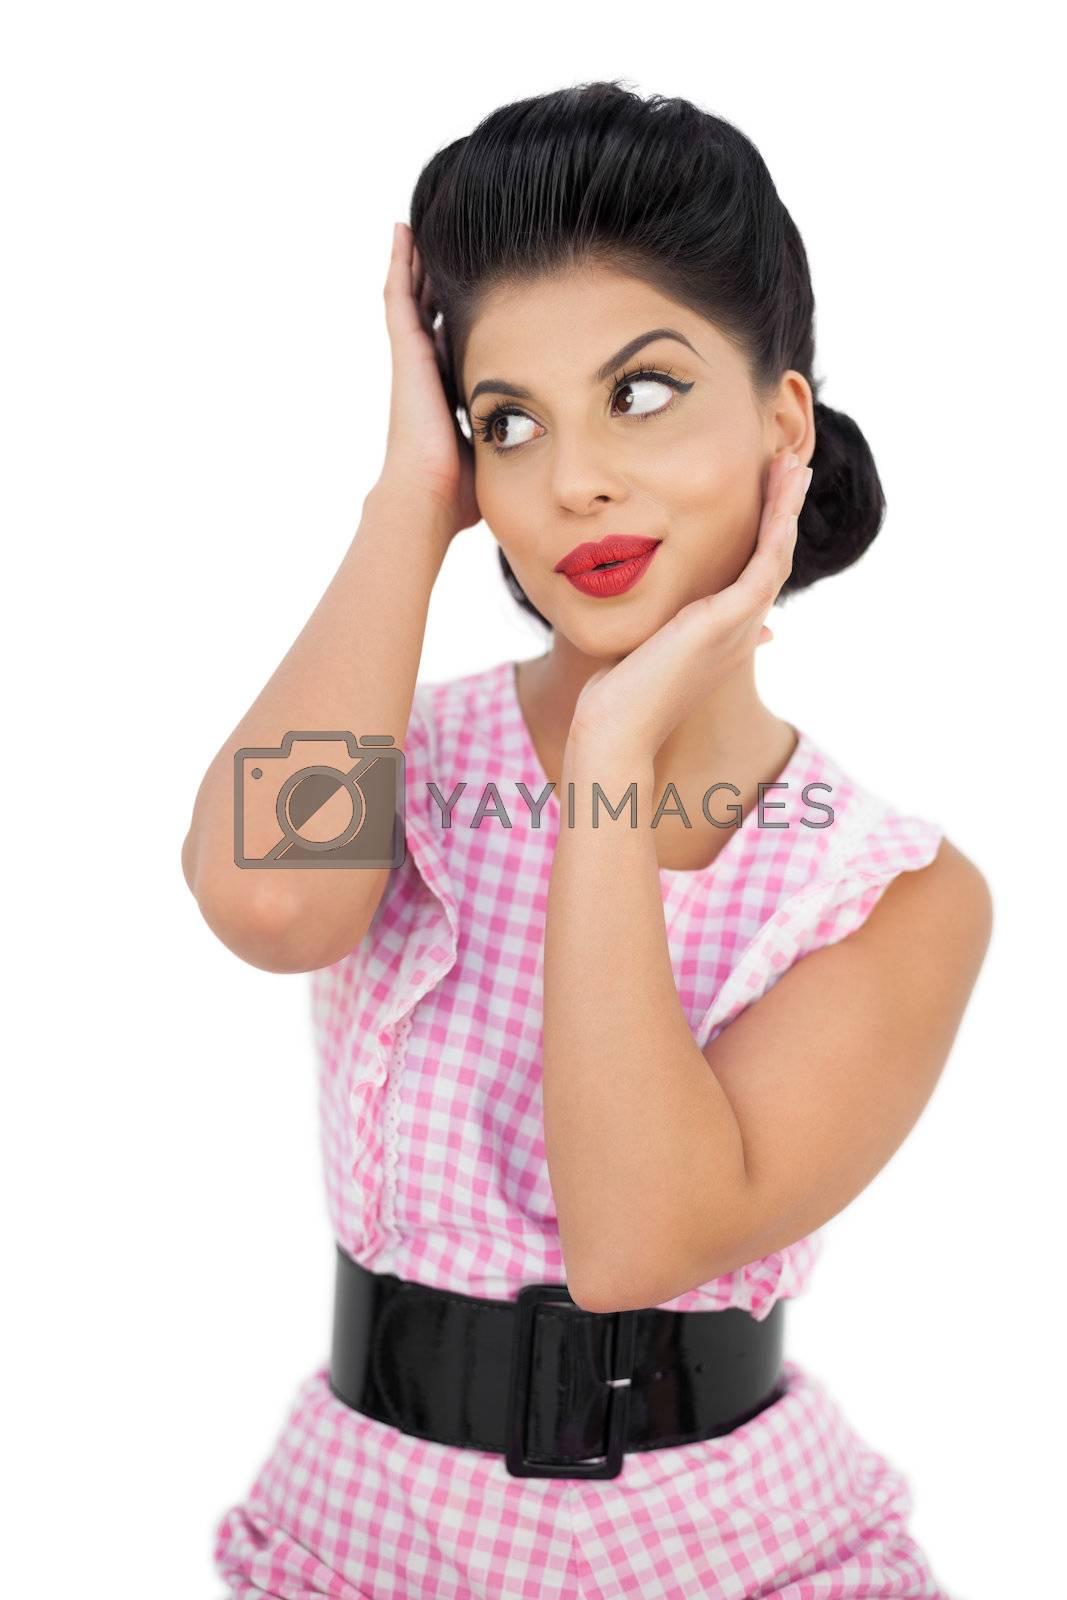 Attractive black hair model looking away by Wavebreakmedia